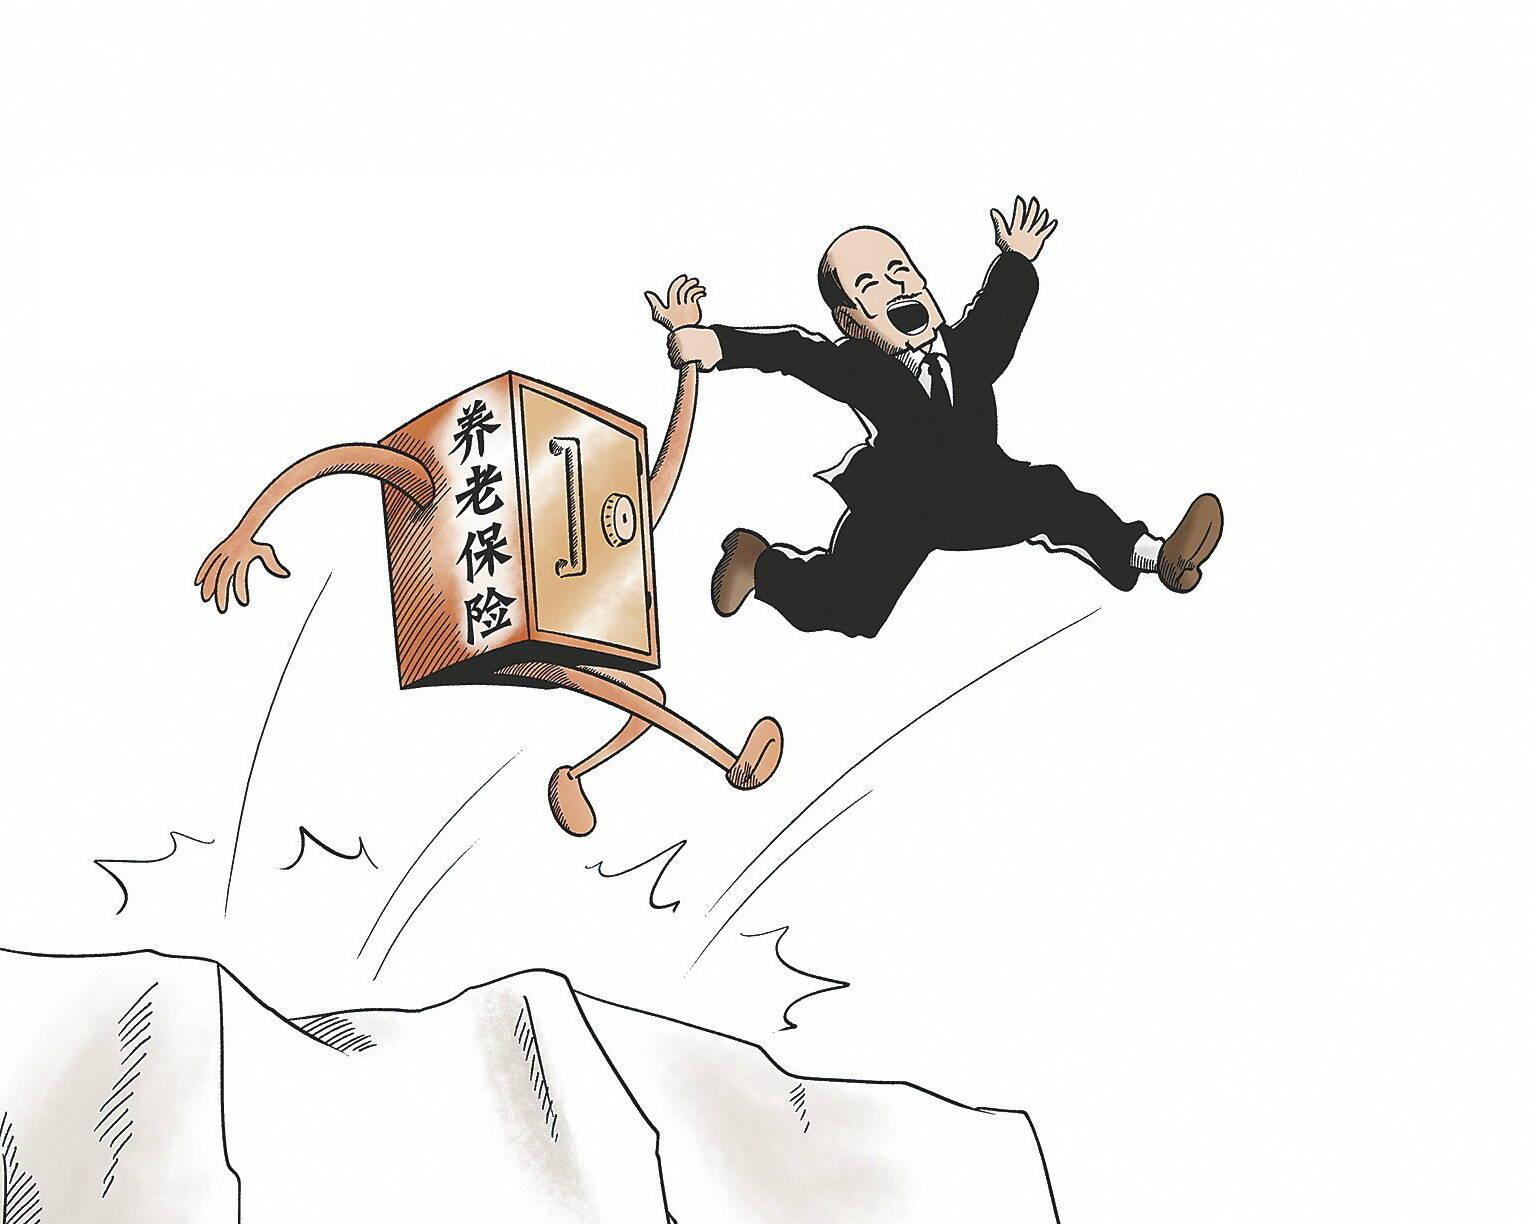 北京基本养老保险单位缴费费率降至16% 年内将为企业减负200亿元